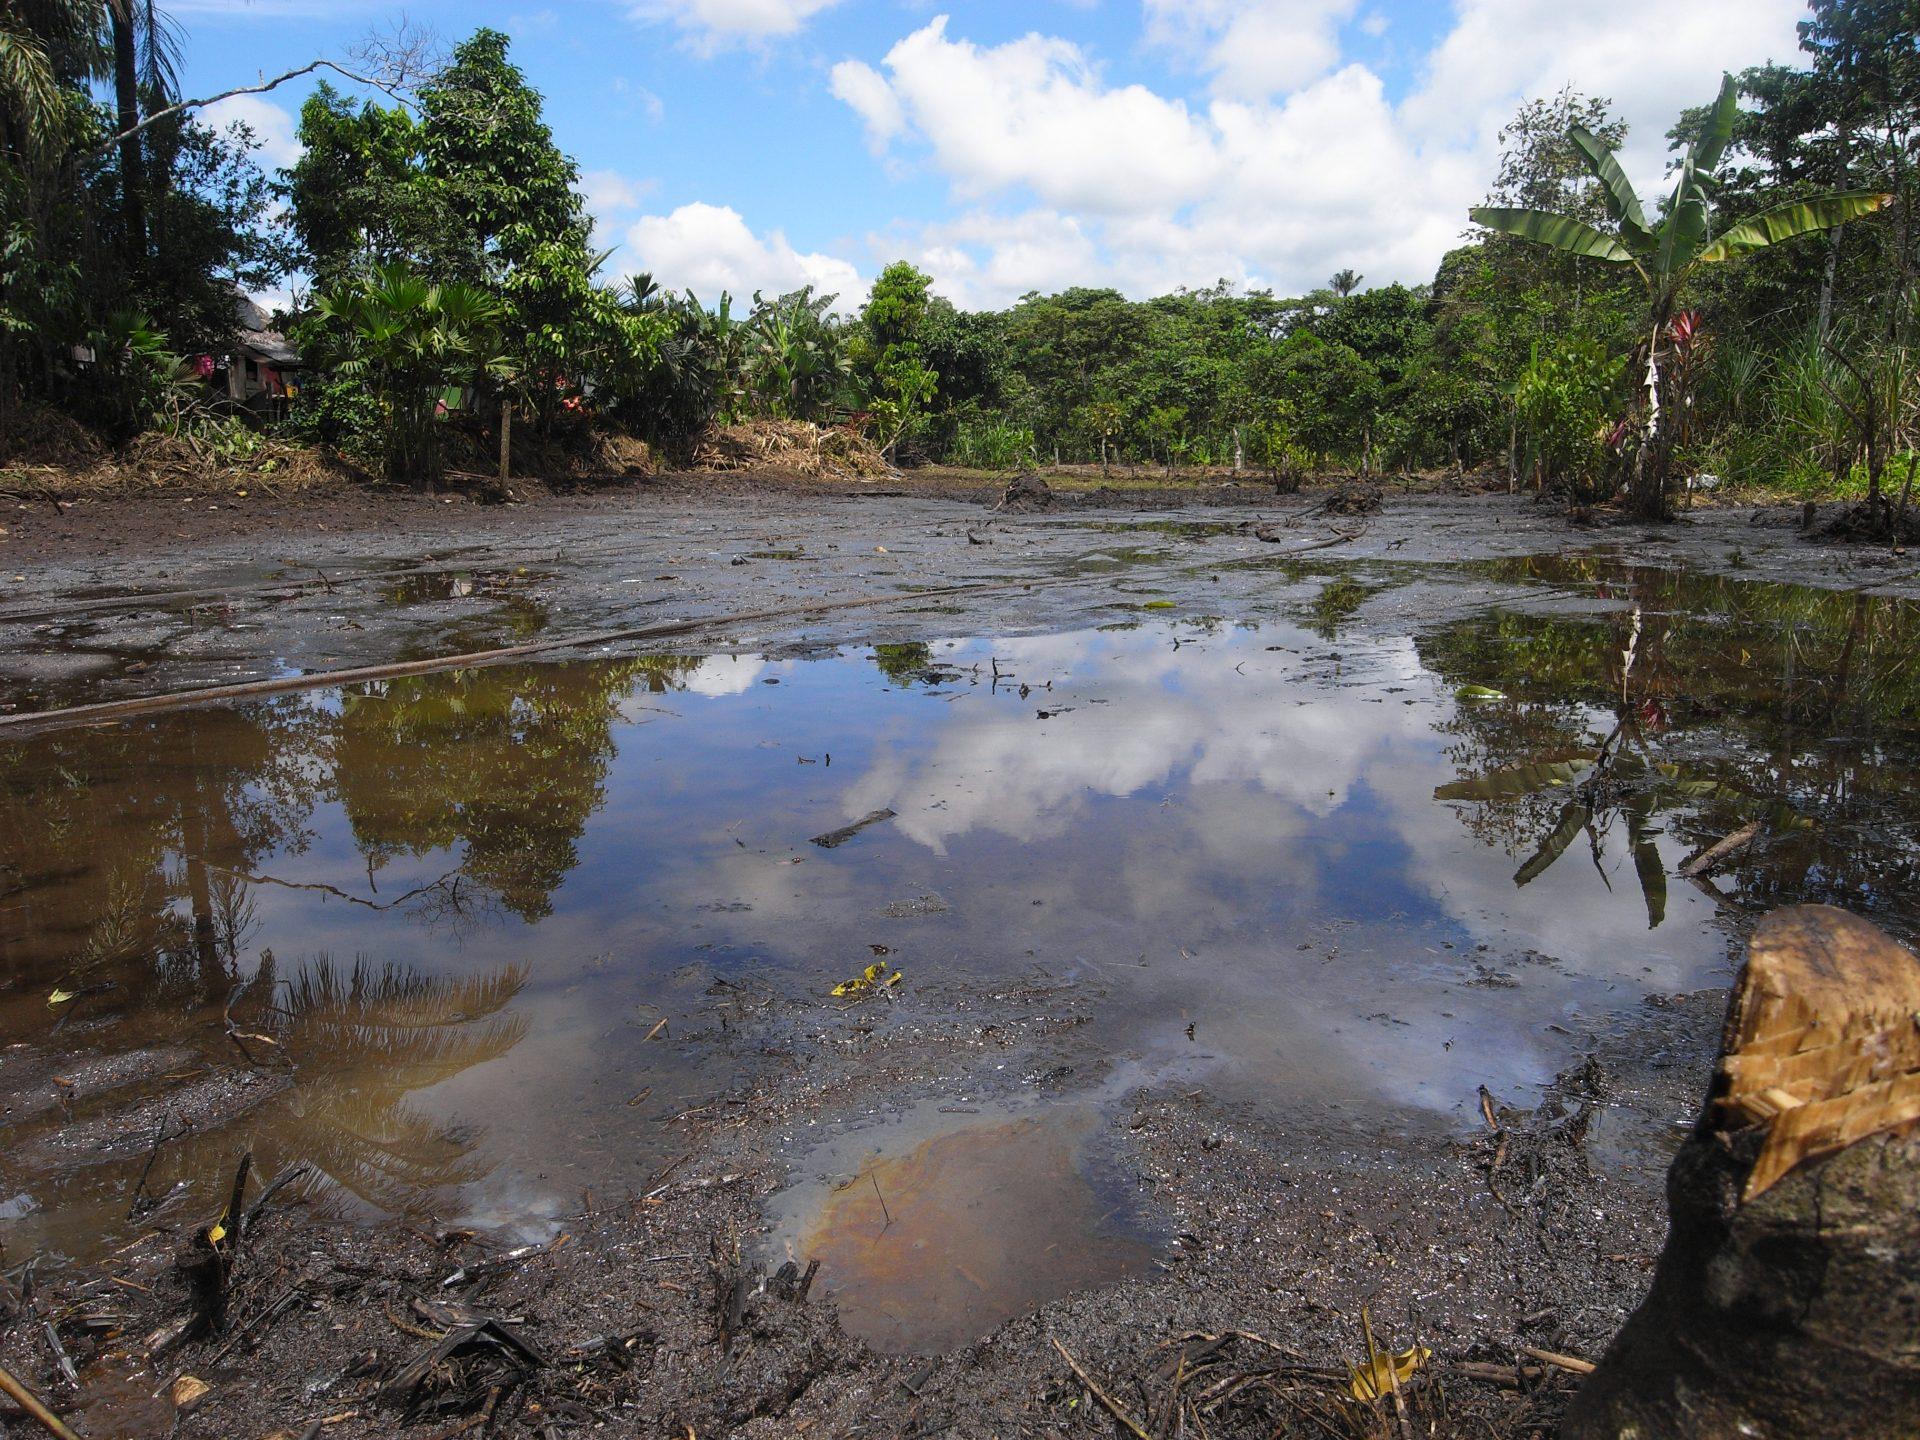 Chevron texaco ecuador Lago agrio